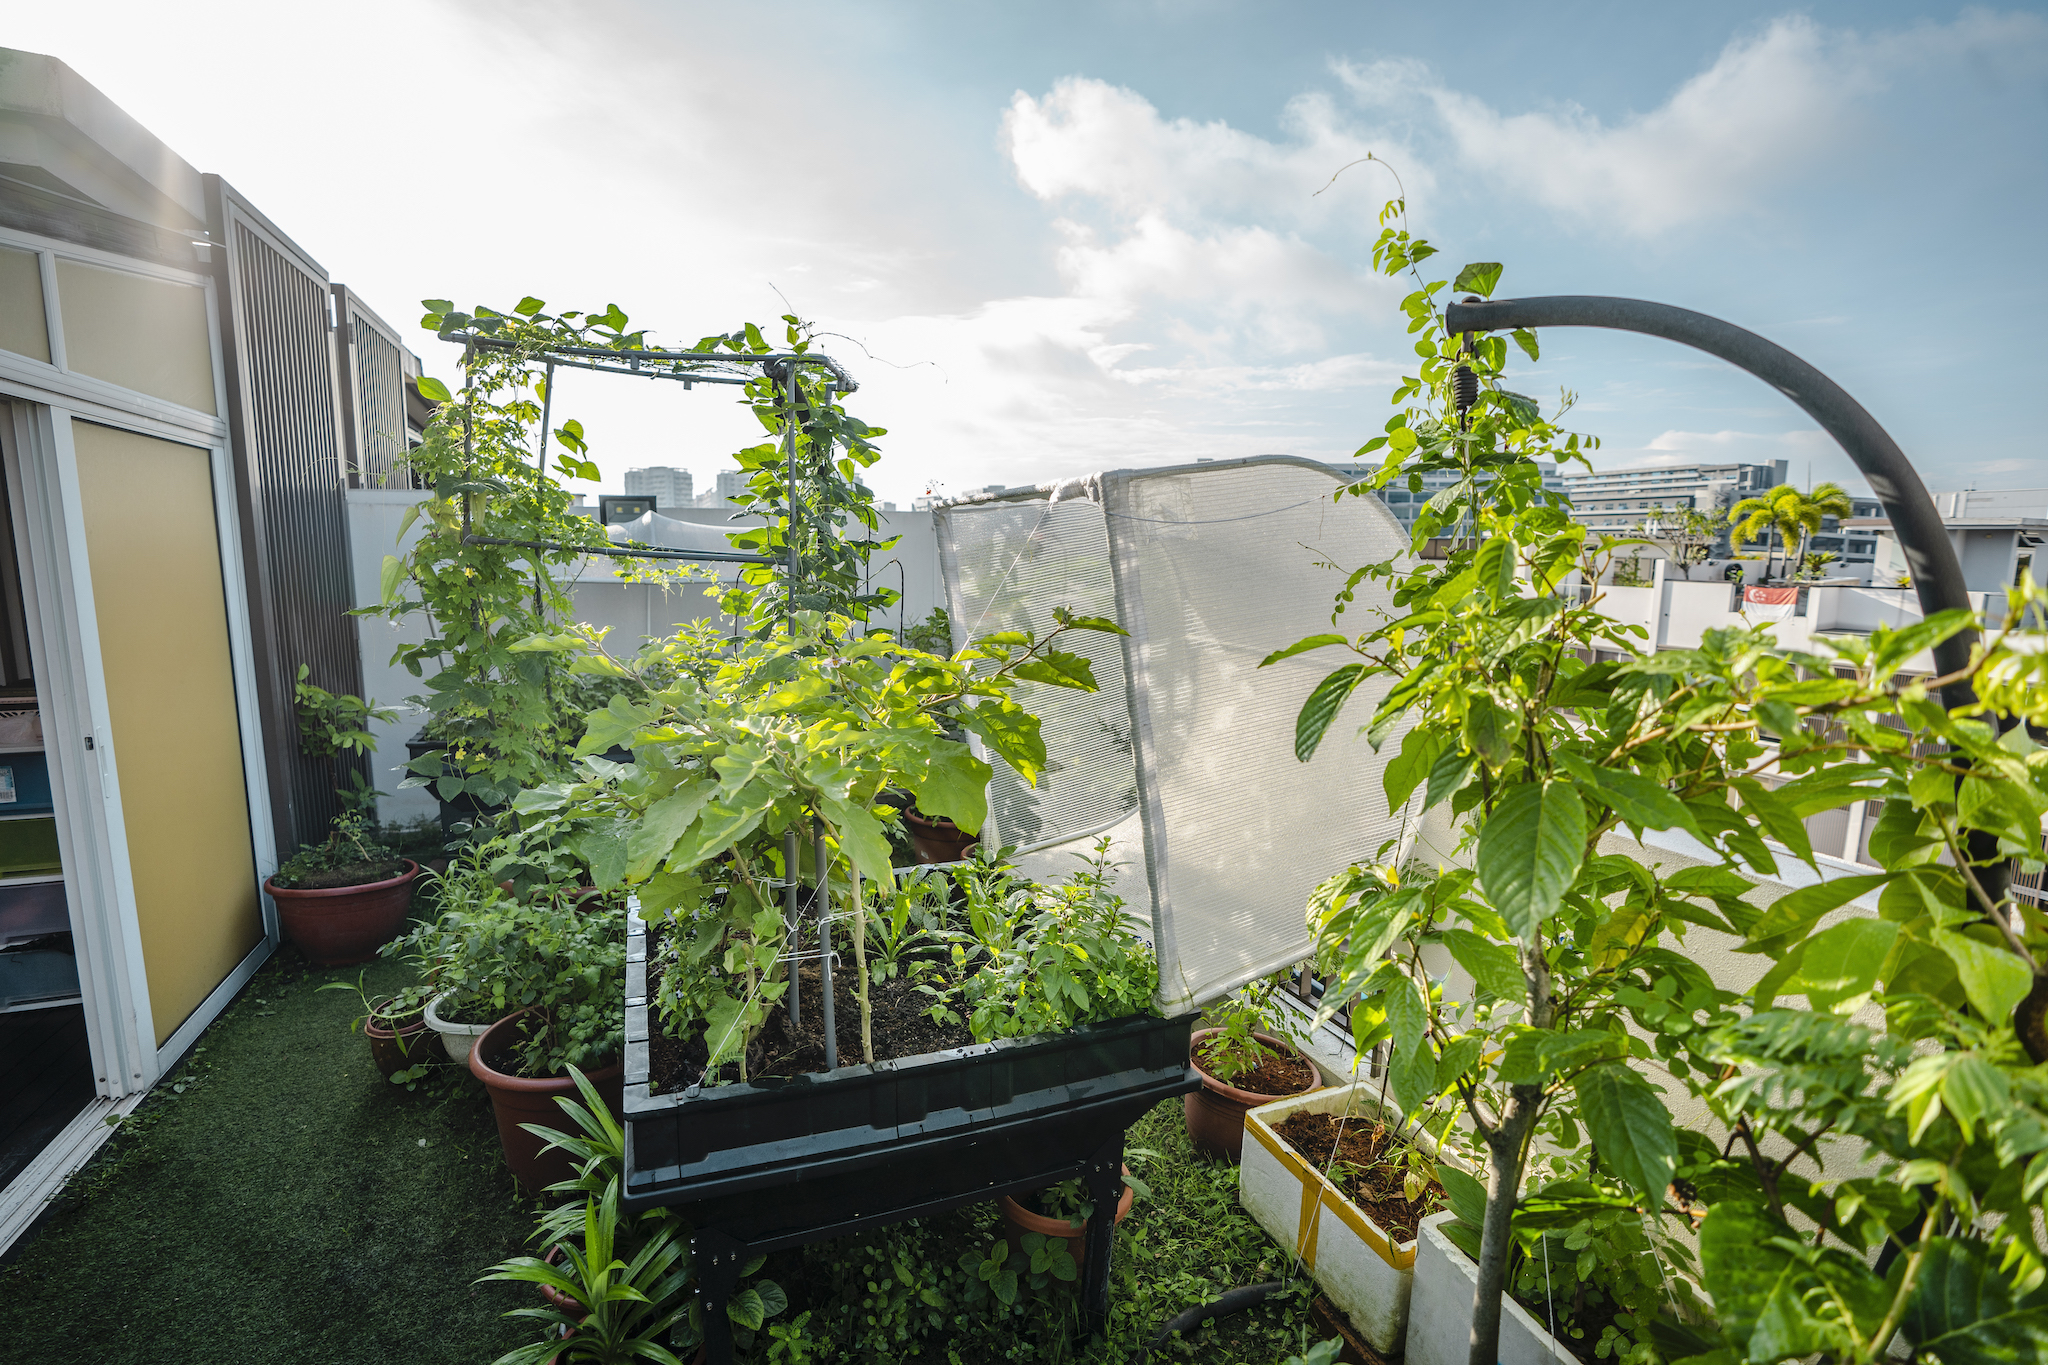 Joanna's rooftop garden